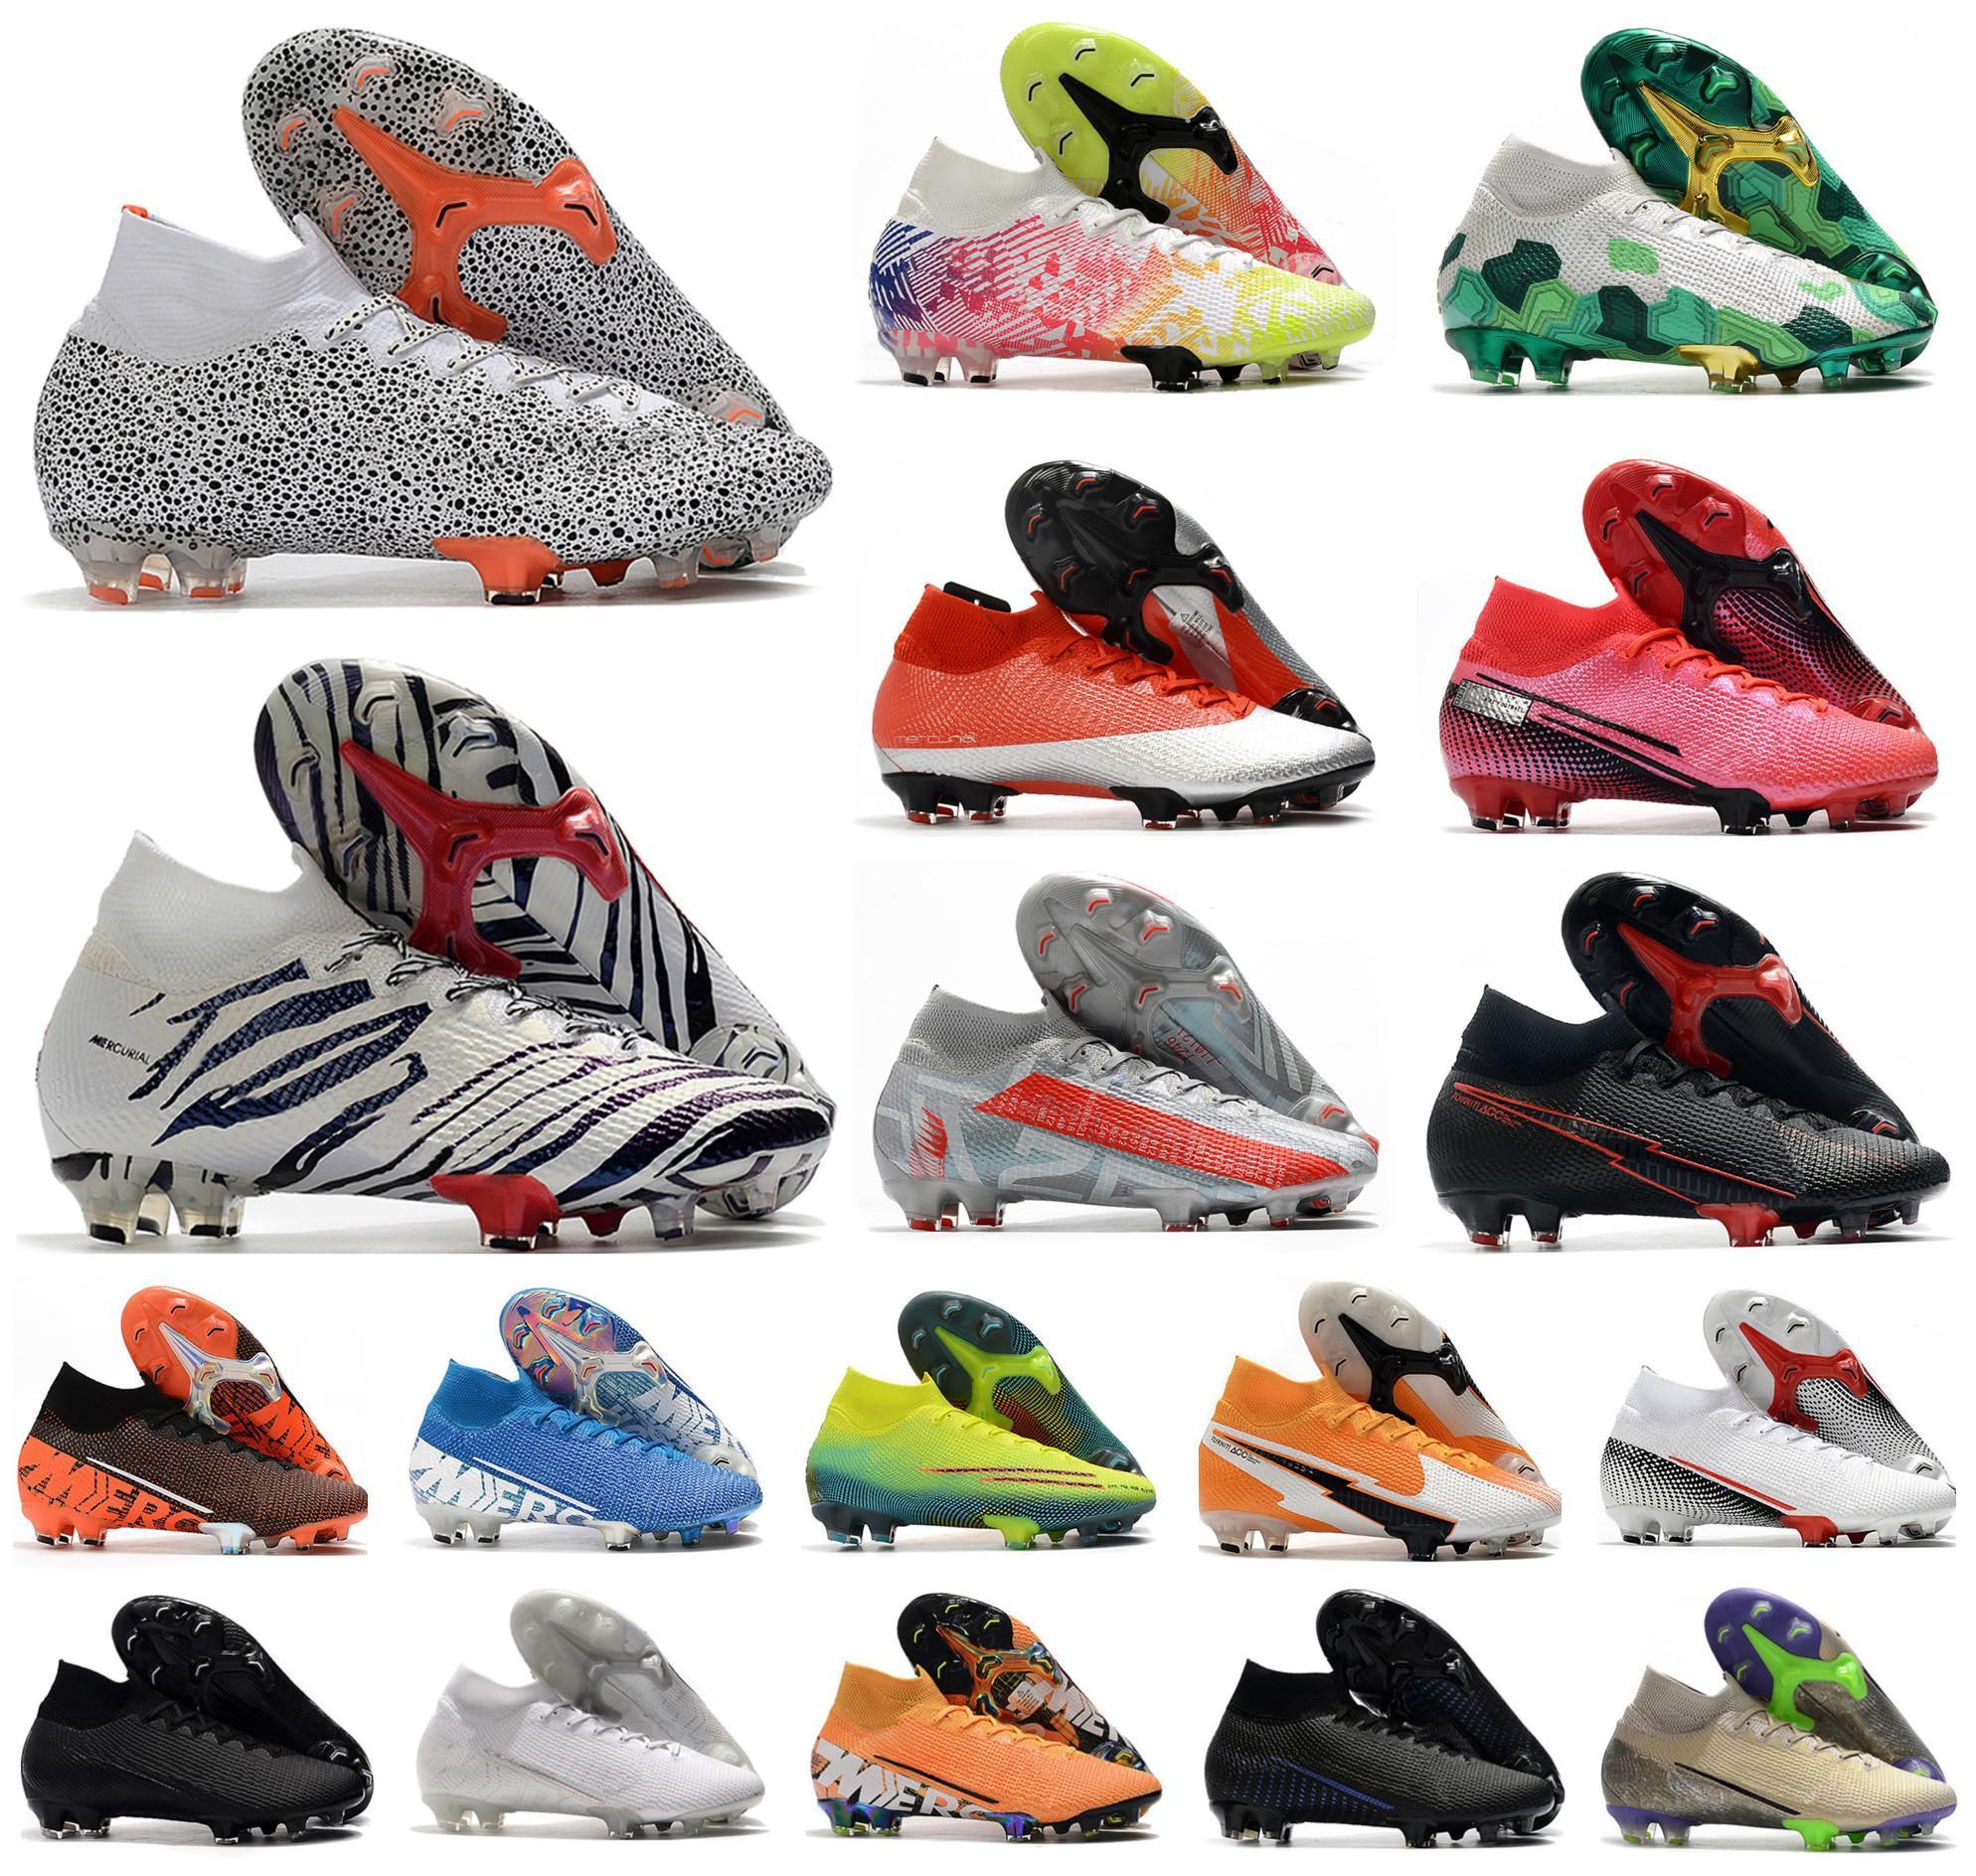 زئبقي ال superfly السابع 7 360 النخبة SE FG CR7 SAFARI رونالدو نيمار NJR بويز رجالي أحذية كرة القدم أحذية كرة القدم المرابط US3-11